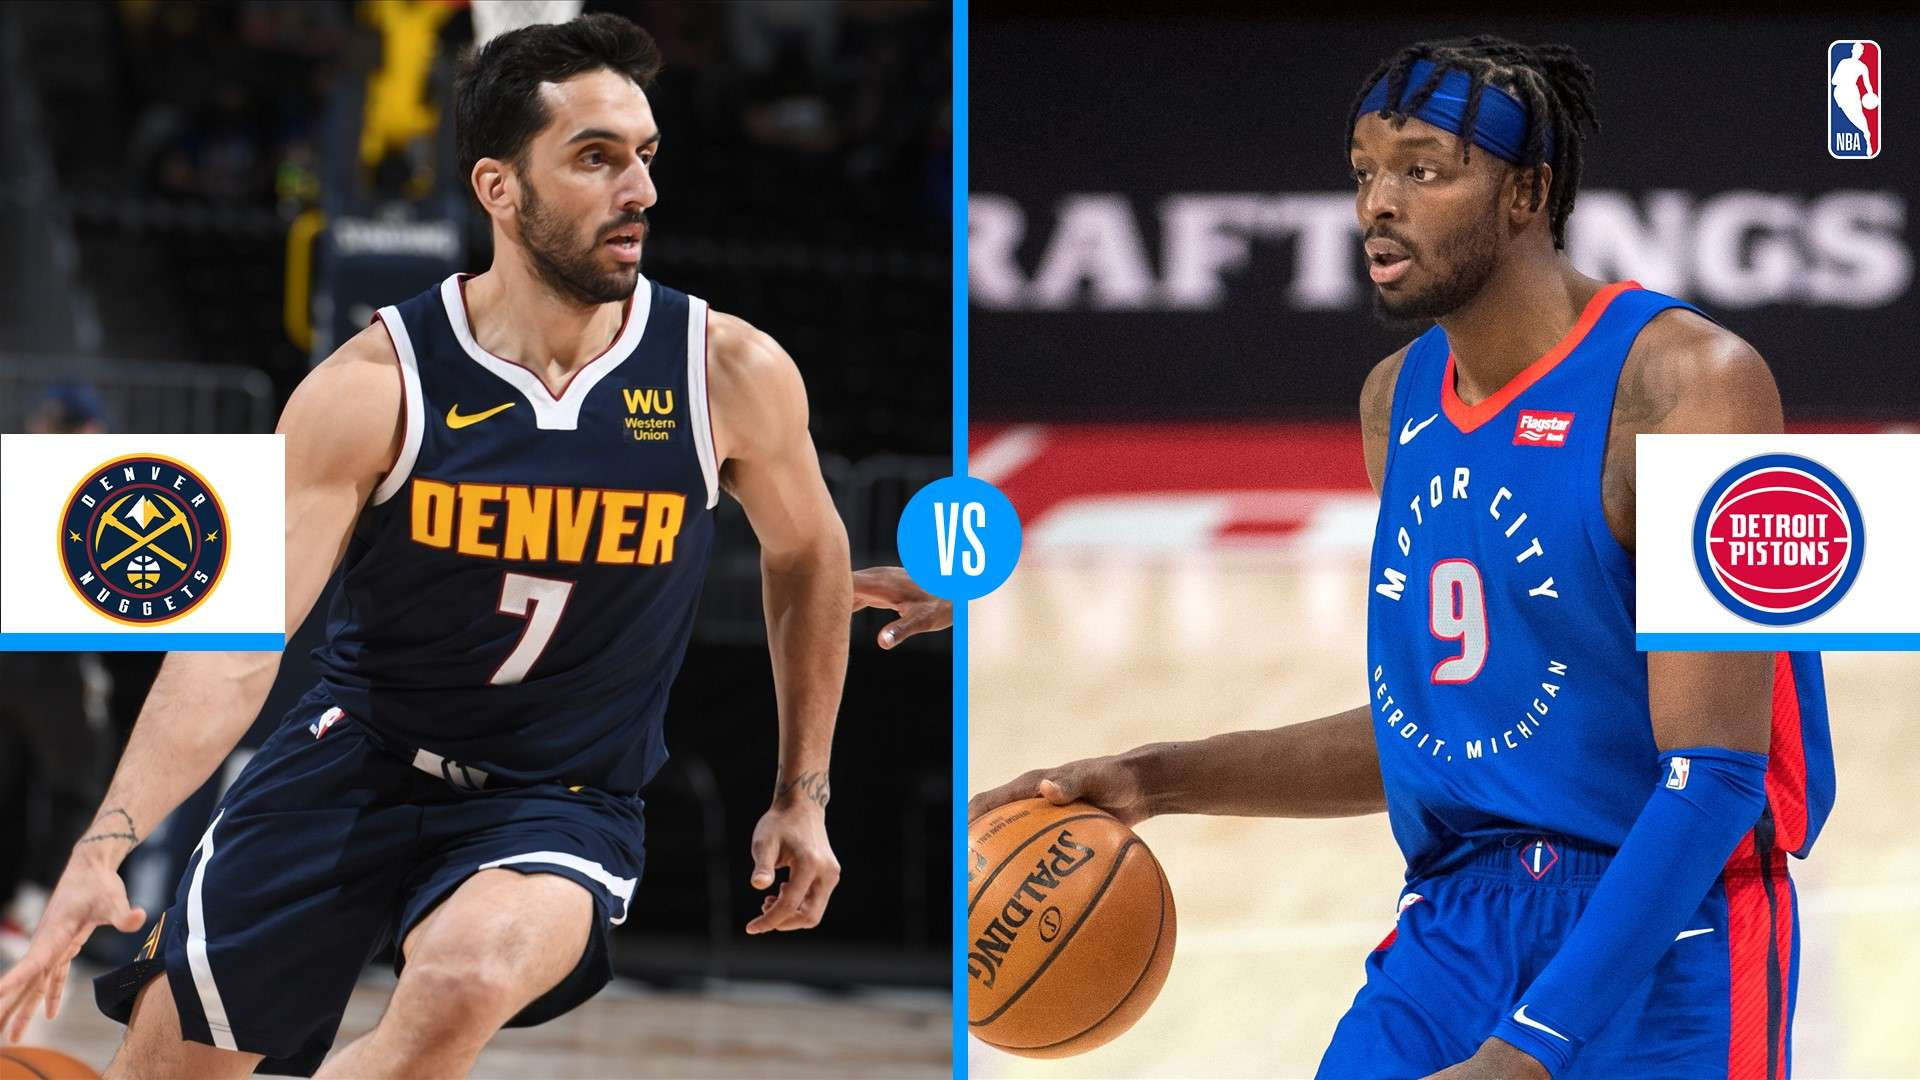 Denver Nuggets vs. Detroit Pistons: tres historias a seguir de otro duelo  para consolidar el rendimiento | NBA.com Argentina | El sitio oficial de la  NBA